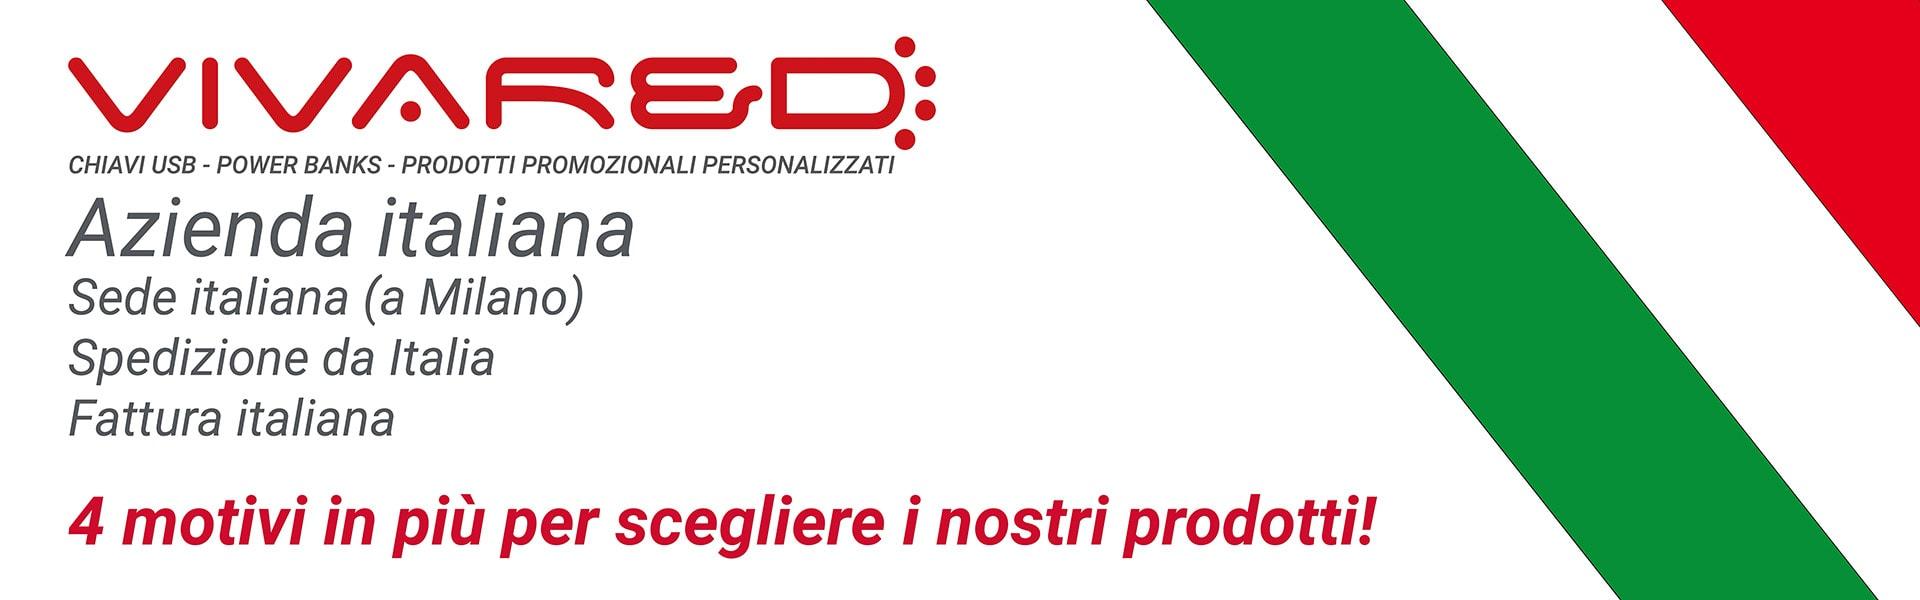 Banner-azienda-italiana2 - Copia